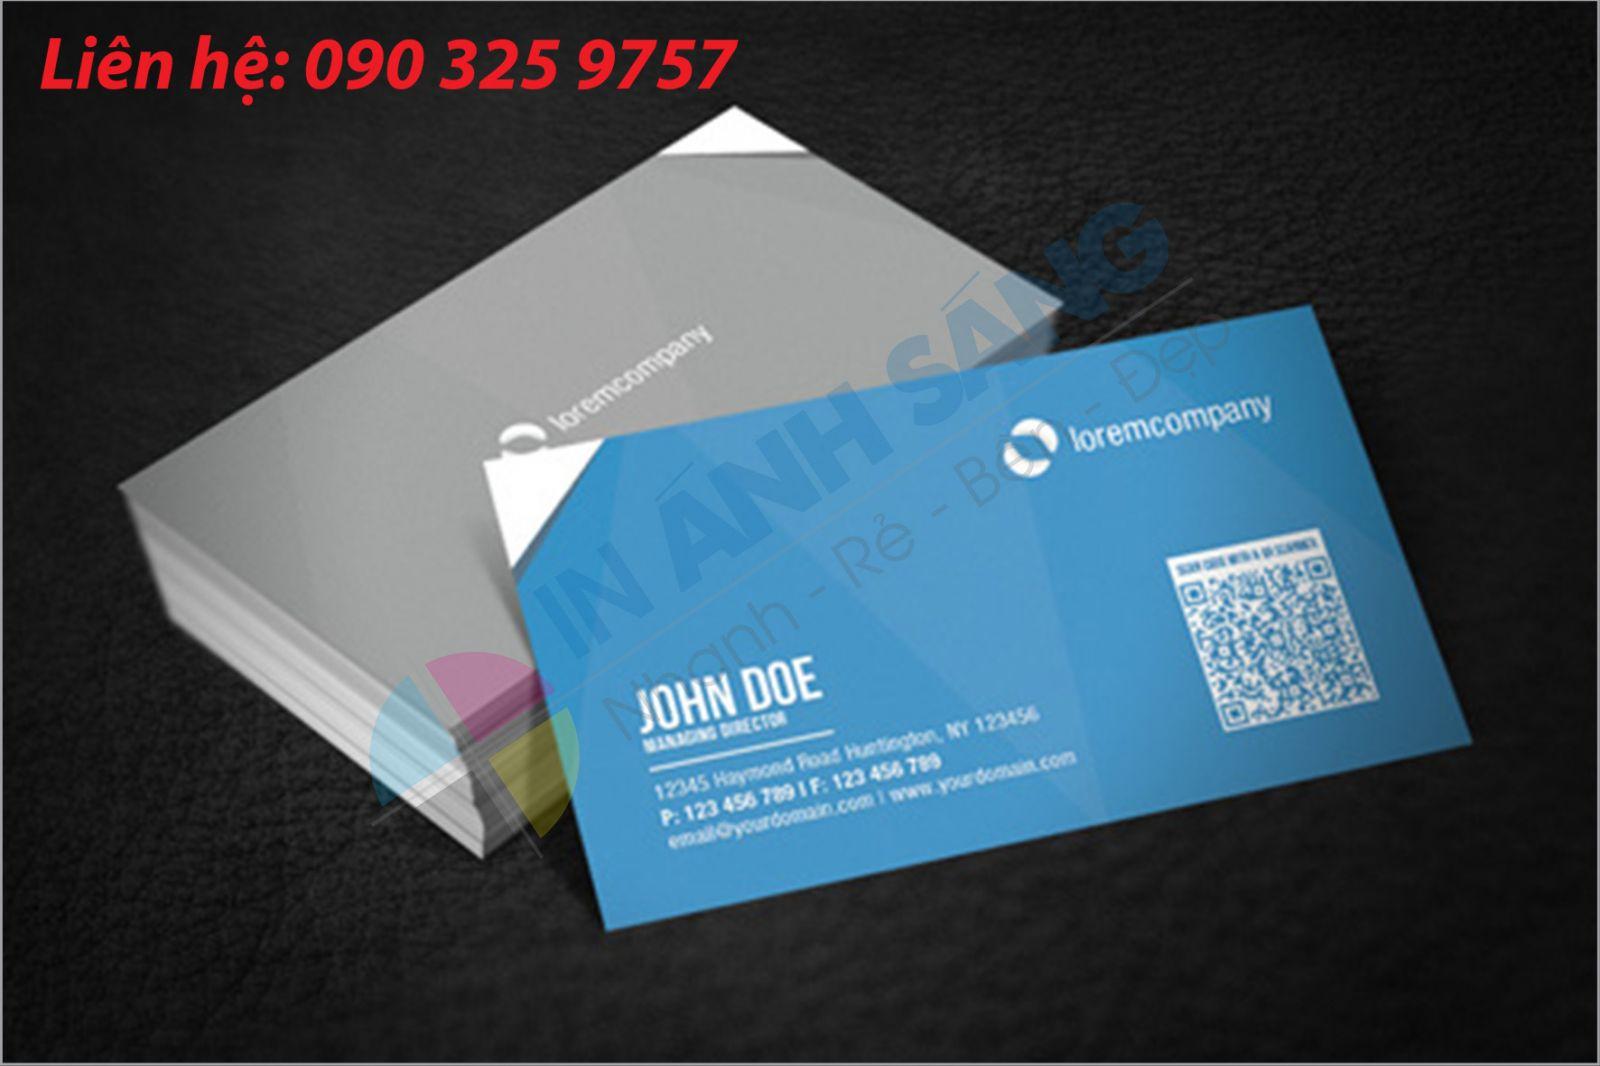 6 Lý do Ánh Sáng luôn có được sự tin tưởng của khách hàng trong in card visit